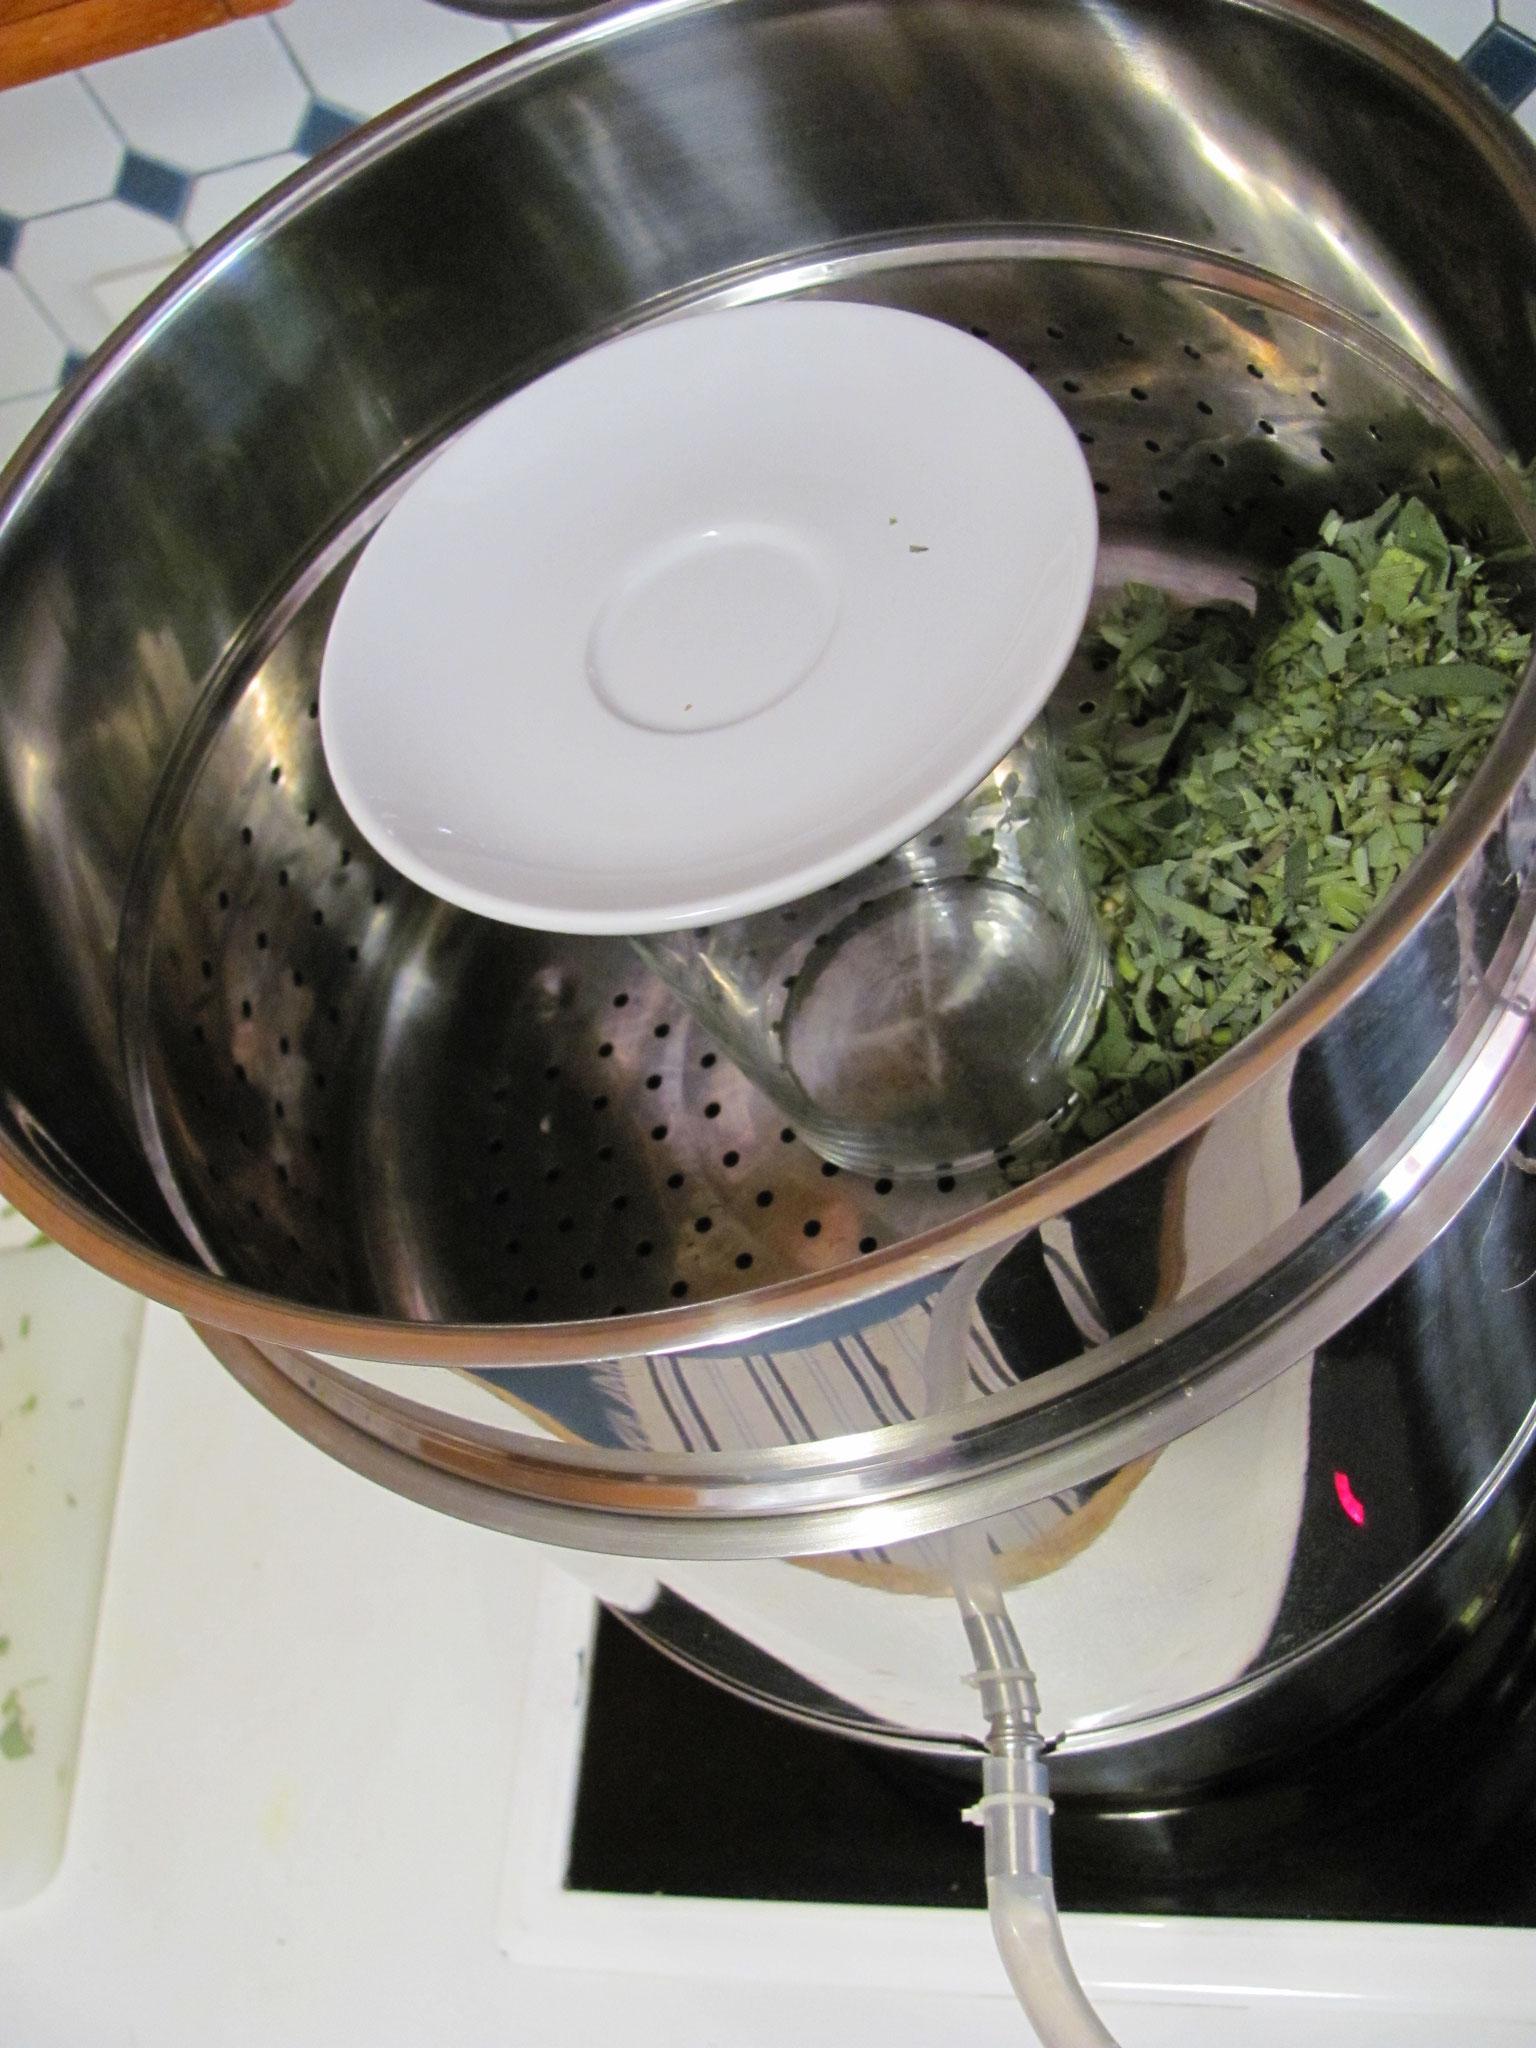 Obst- bzw. Pflanzenbehälter aufsetzen, feuerfestes Glas zum Auffangen des Hydrolates mit Teller abgedeckt einsetzen